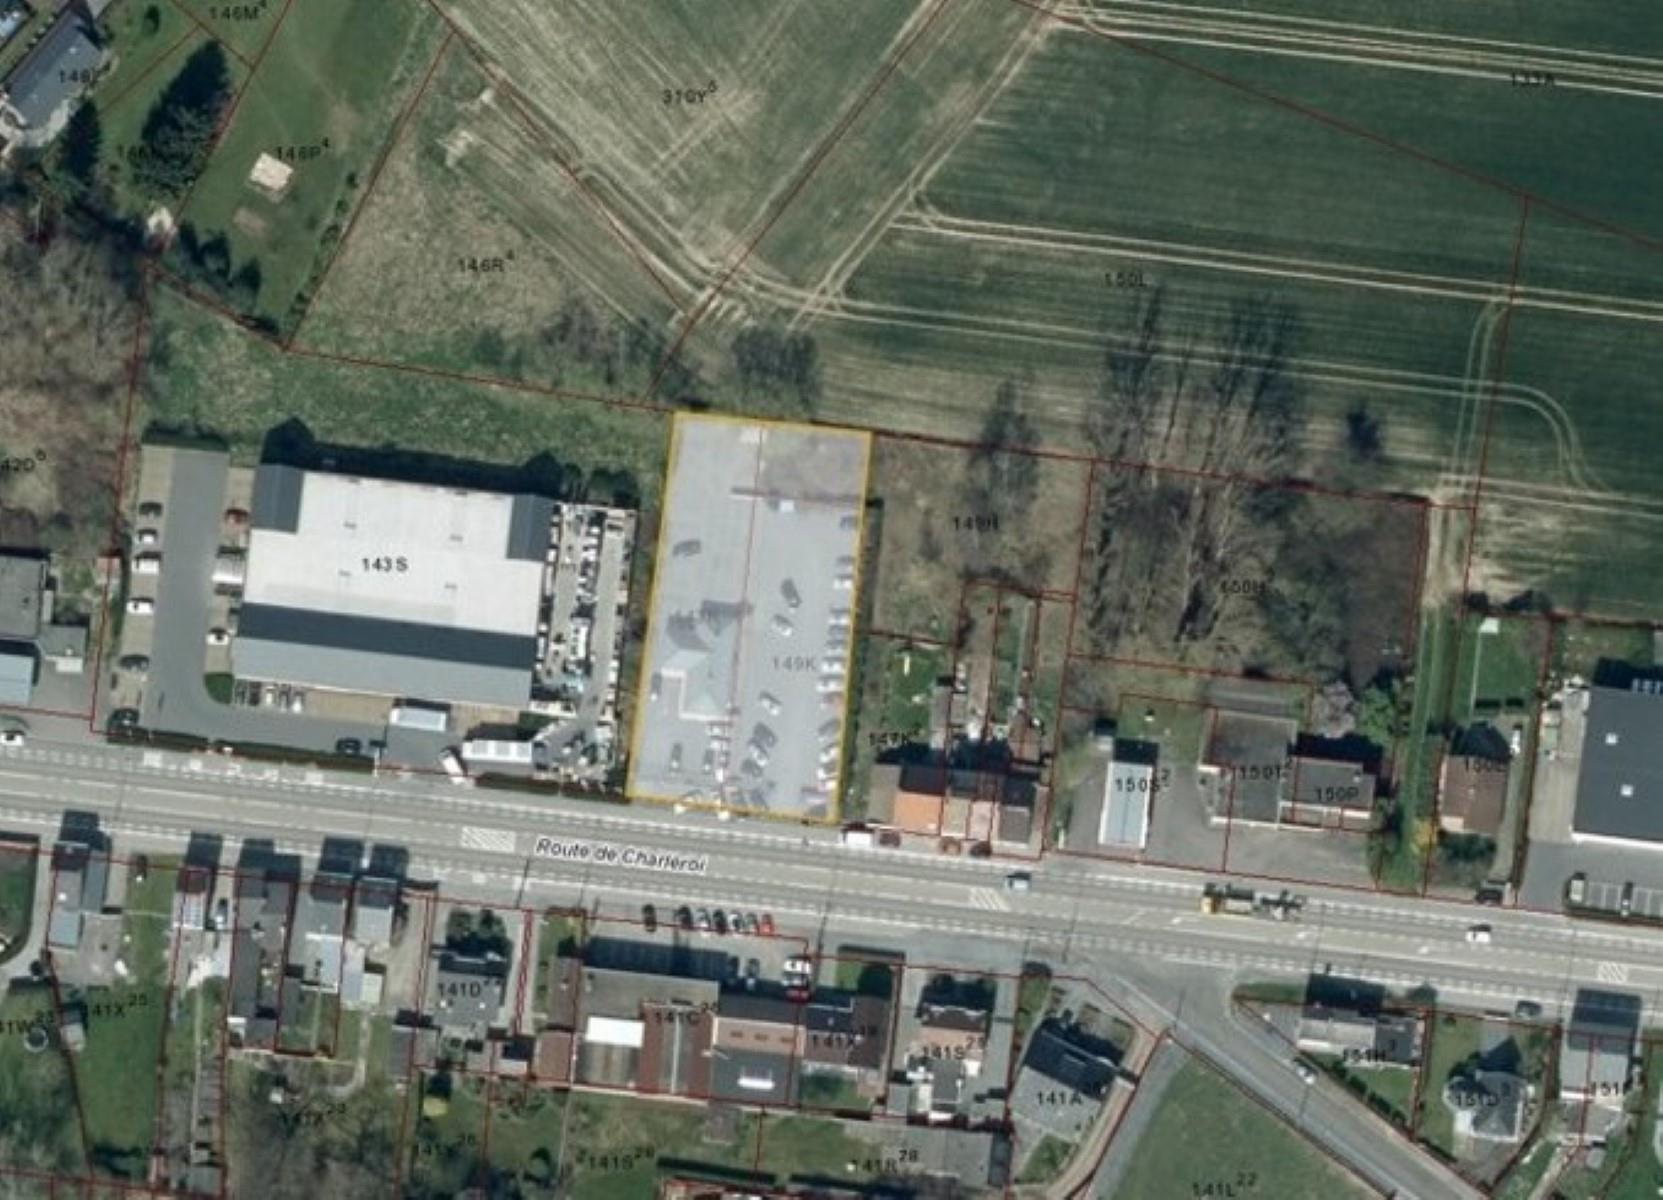 commercieel gelijkvloers te huur R1343 Route De Charleroi 138